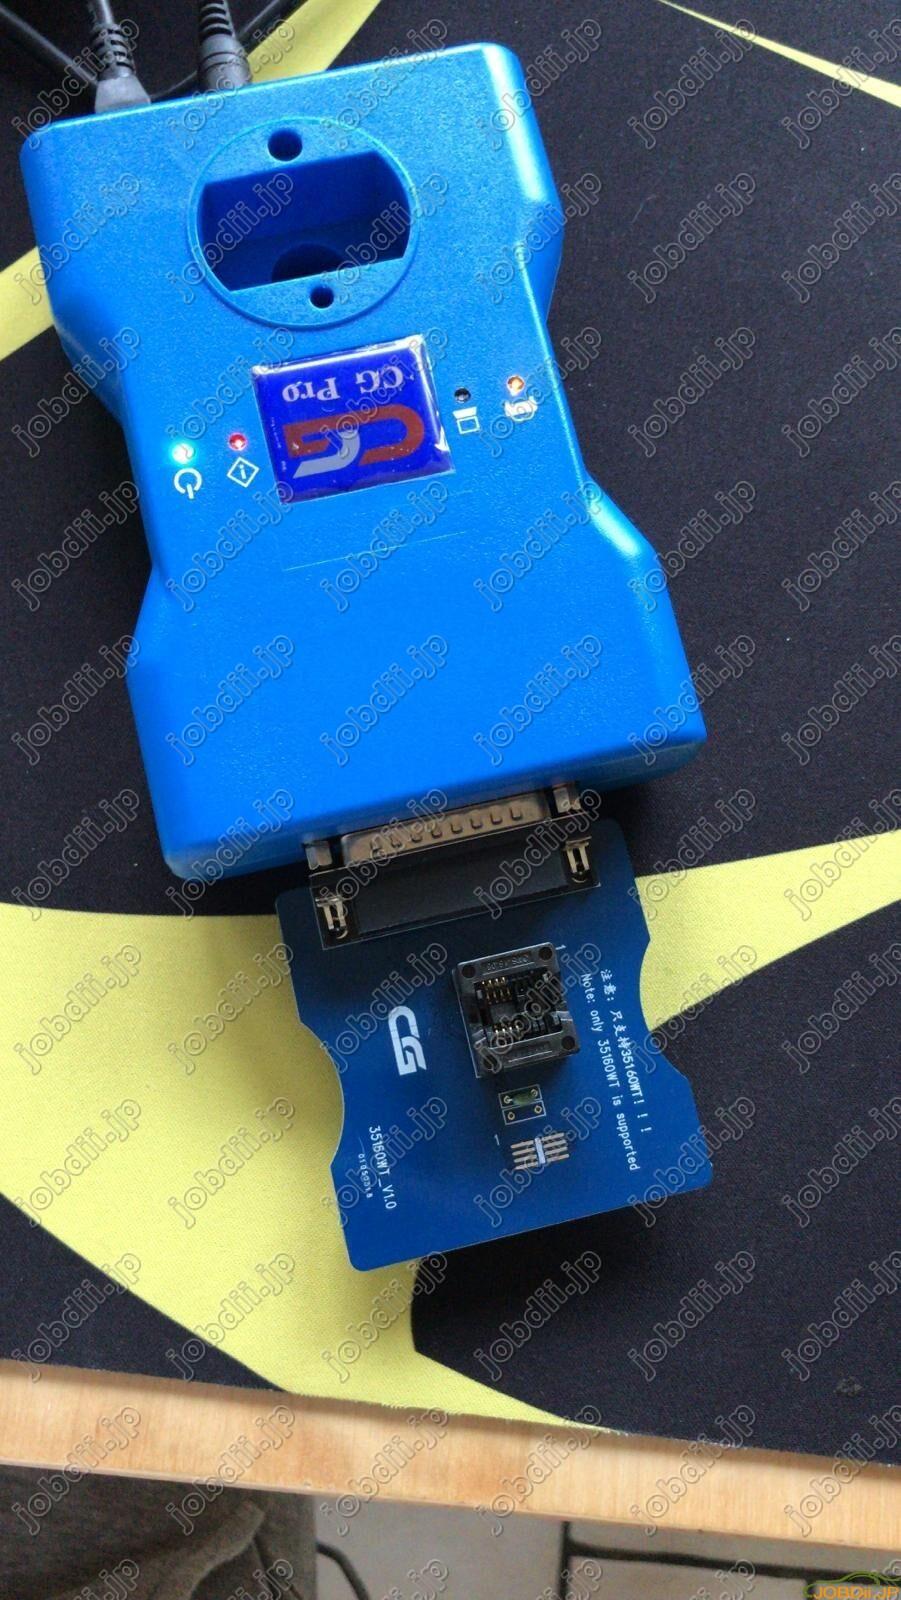 cg-pro-9s12-erase-failed-3